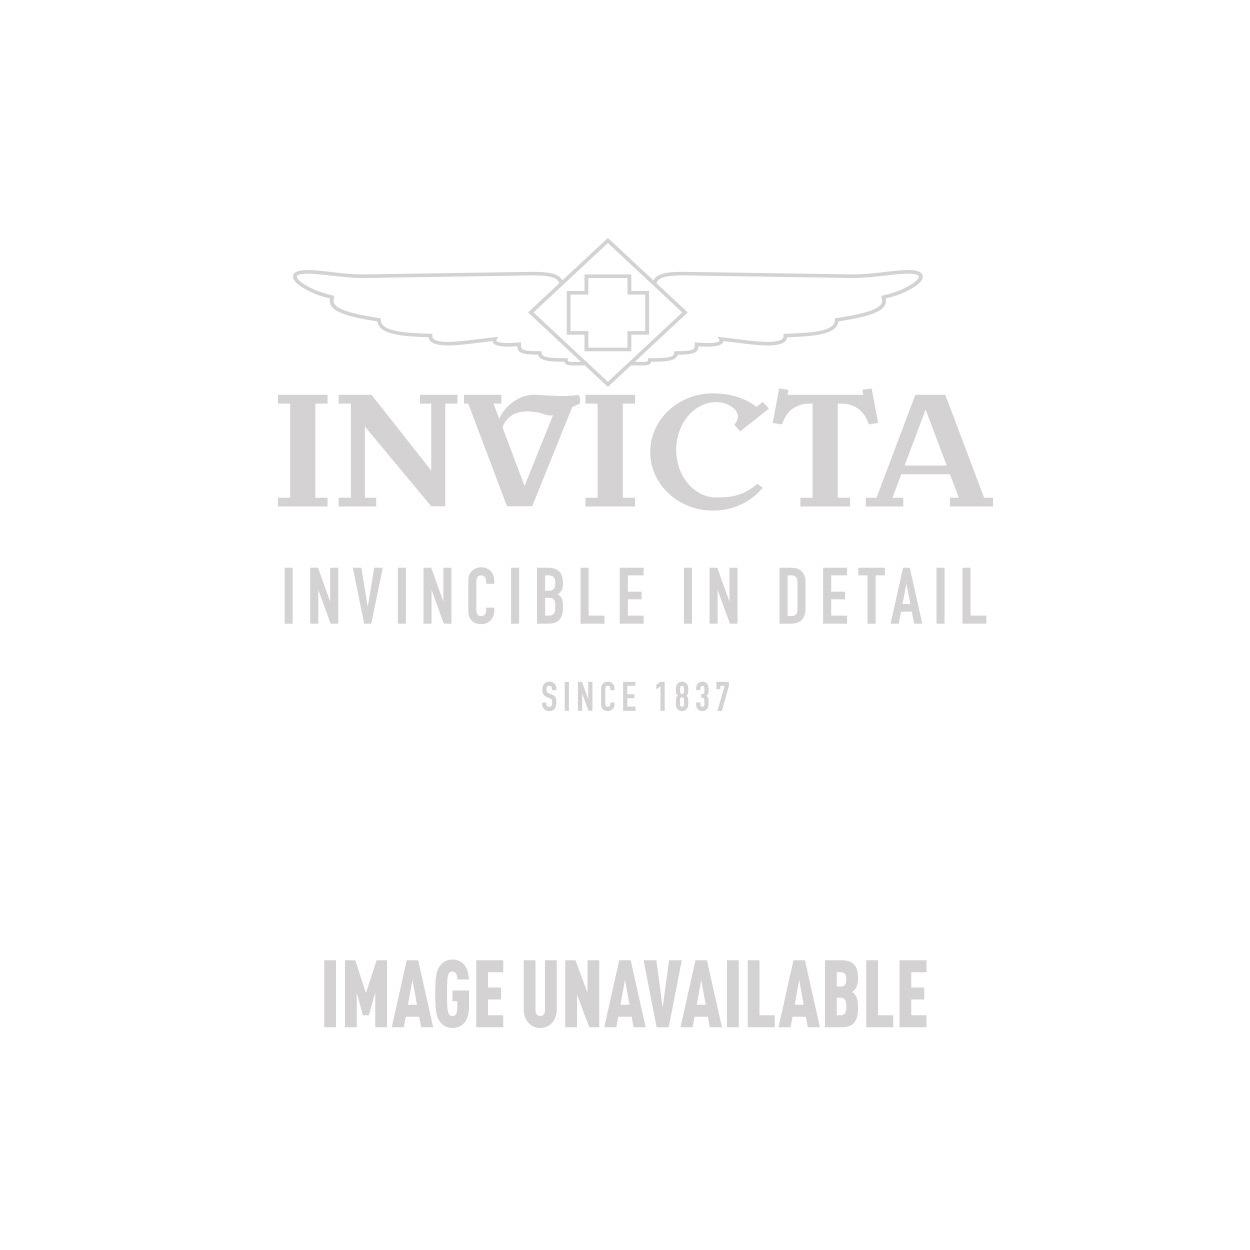 Invicta Model 25240